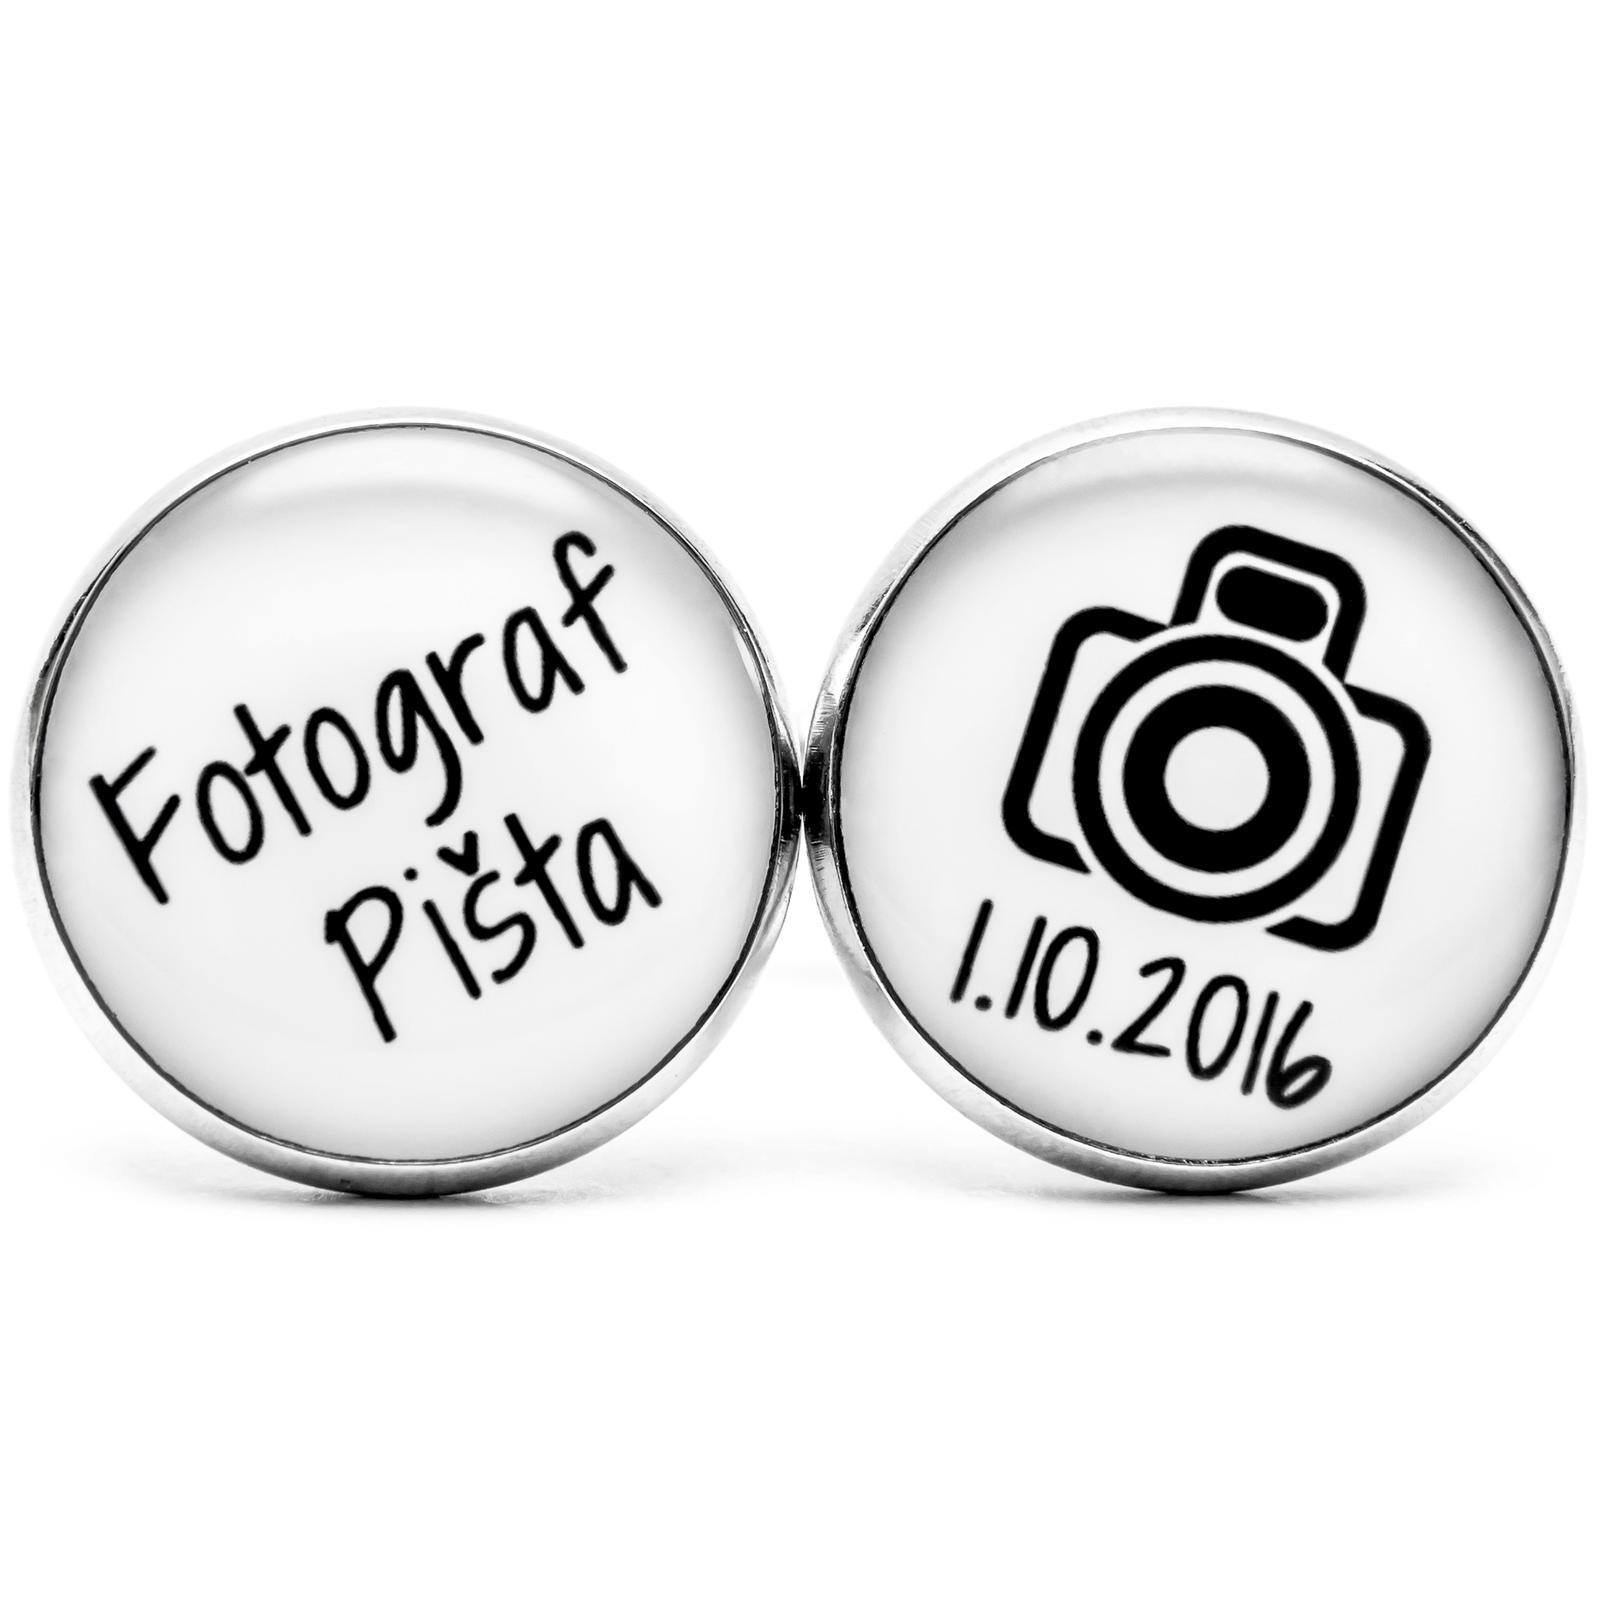 ♥  Manžetové gombíky na mieru - presne podľa Tvojich predstáv ♥ - Manžetky pre fotografa